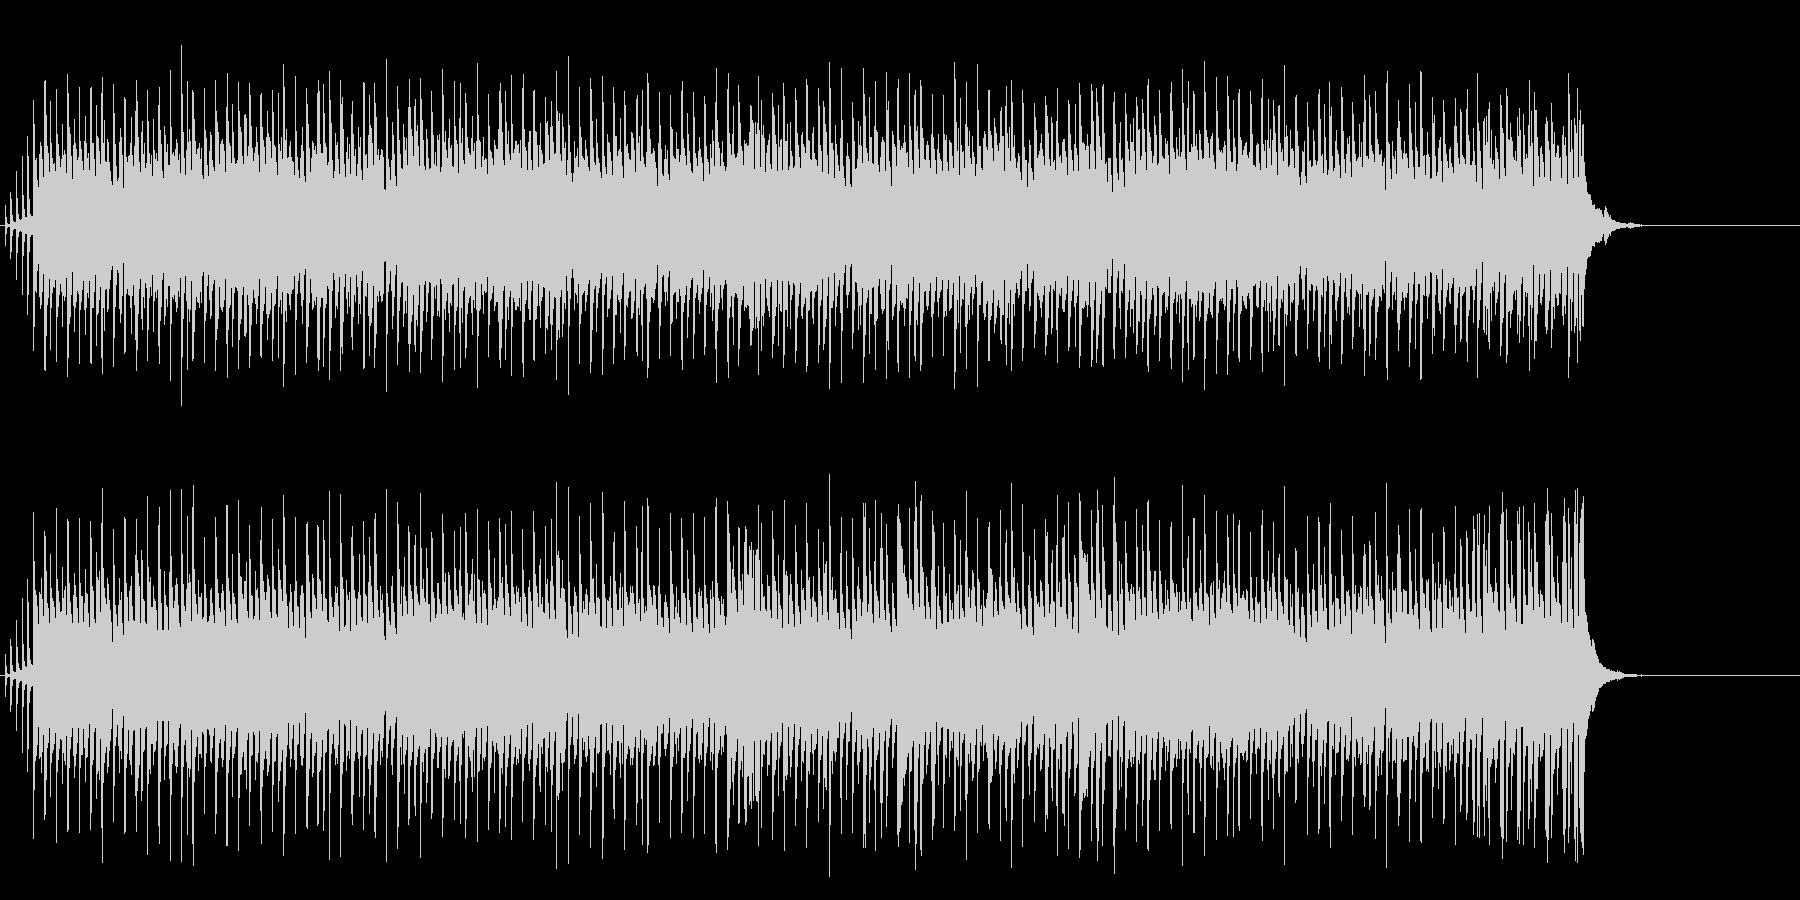 メロディーとビート感が躍動的なポップの未再生の波形